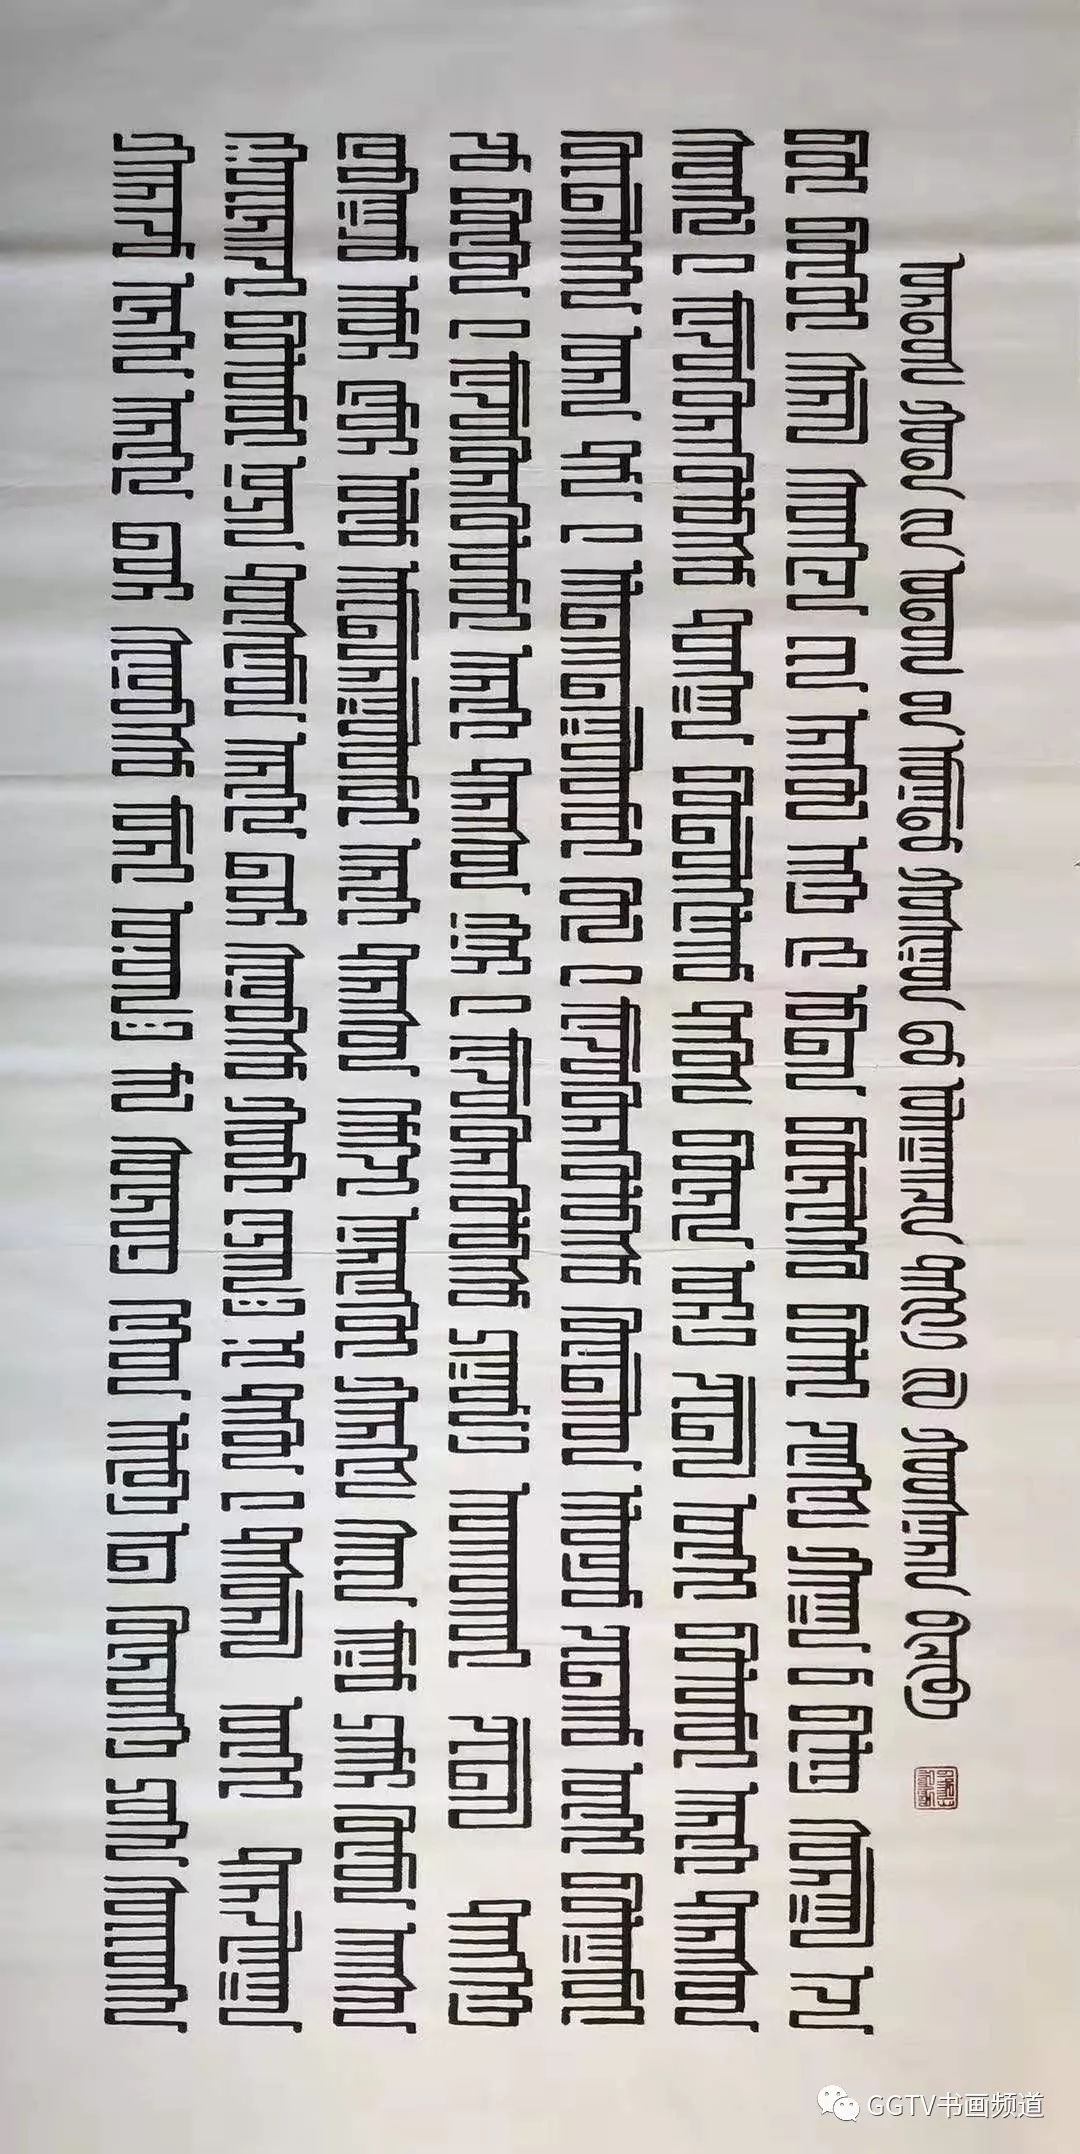 庆祝建国70周年全国优秀艺术家  —— 鲍好斯那拉作品展 第27张 庆祝建国70周年全国优秀艺术家   ——  鲍好斯那拉作品展 蒙古书法